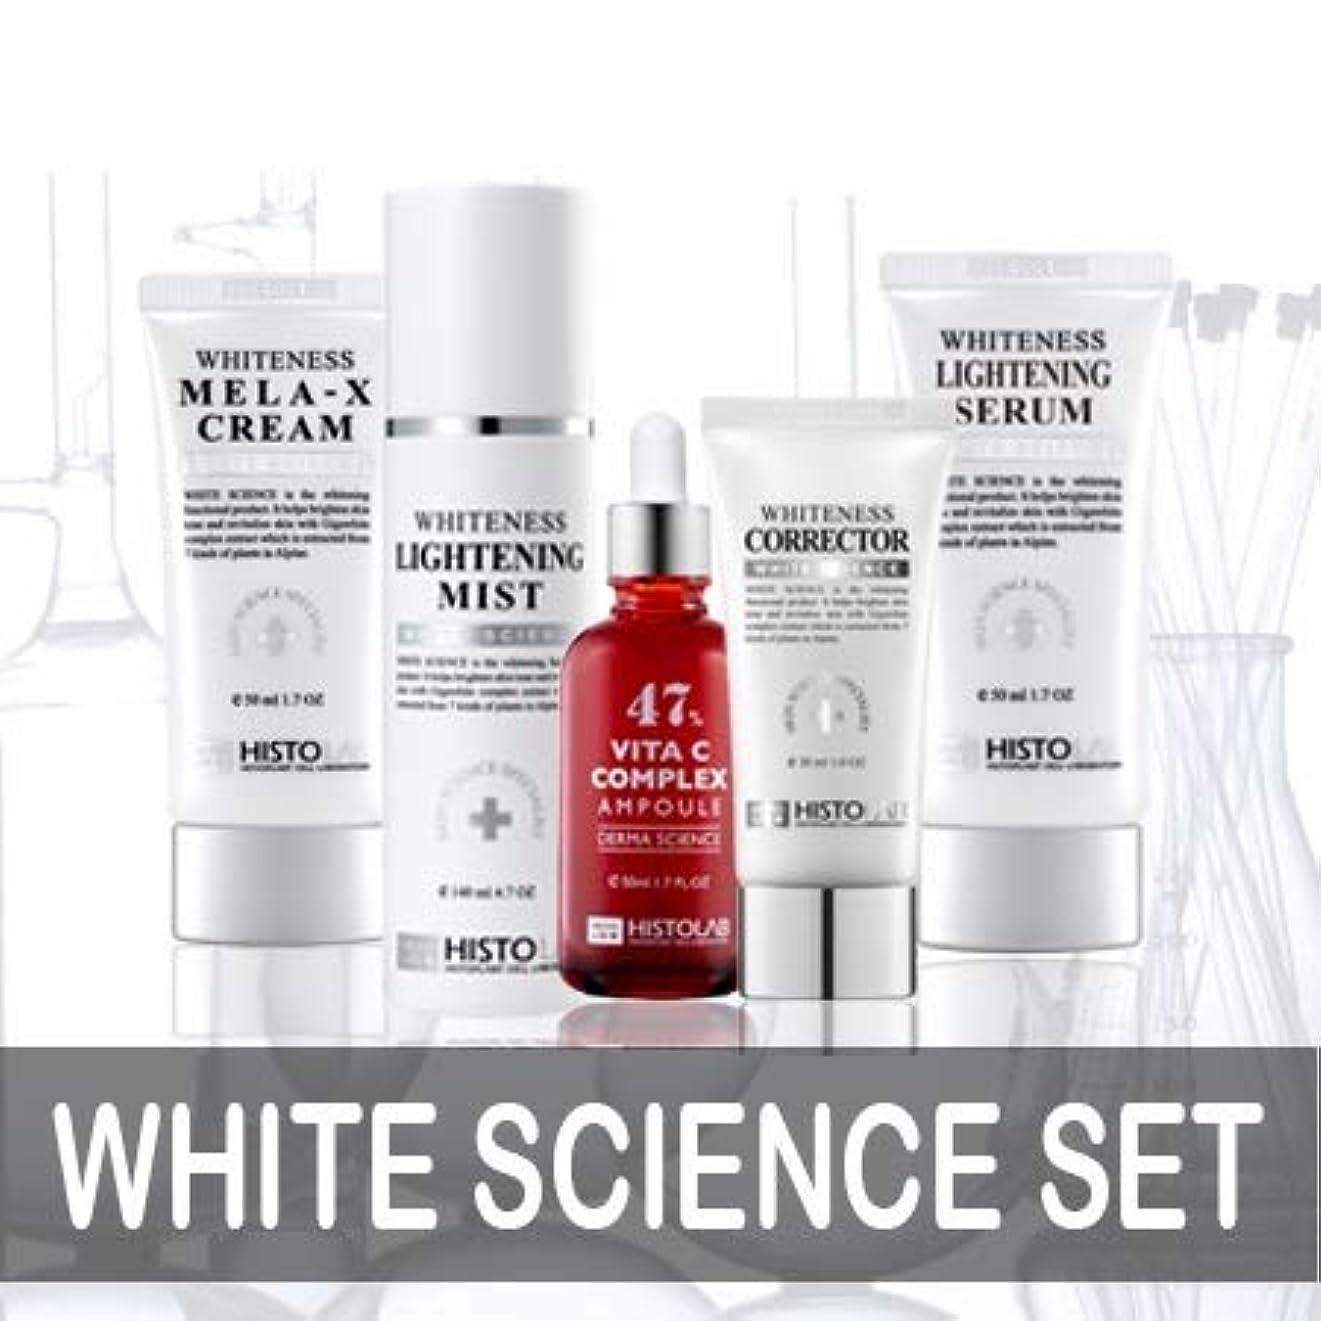 想定思い出すバブル[Histolab][韓国コスメ]肌の美 白クリームセット/Special White Science Set ★1 White ンプル+4美 白クリームセット★無料サンプル★